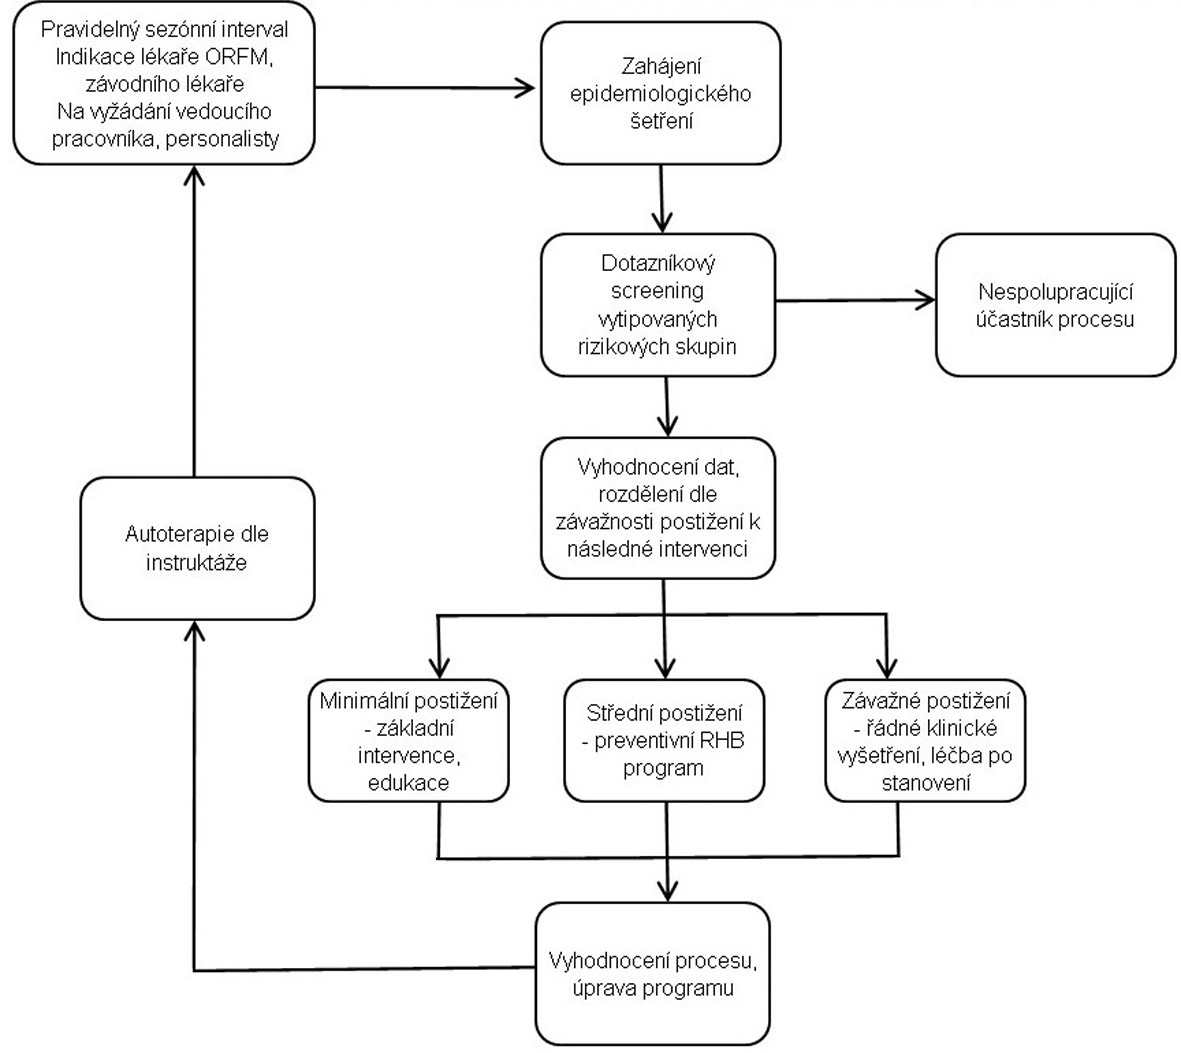 Schéma 1. Procesní diagram preventivního rehabilitačního programu.